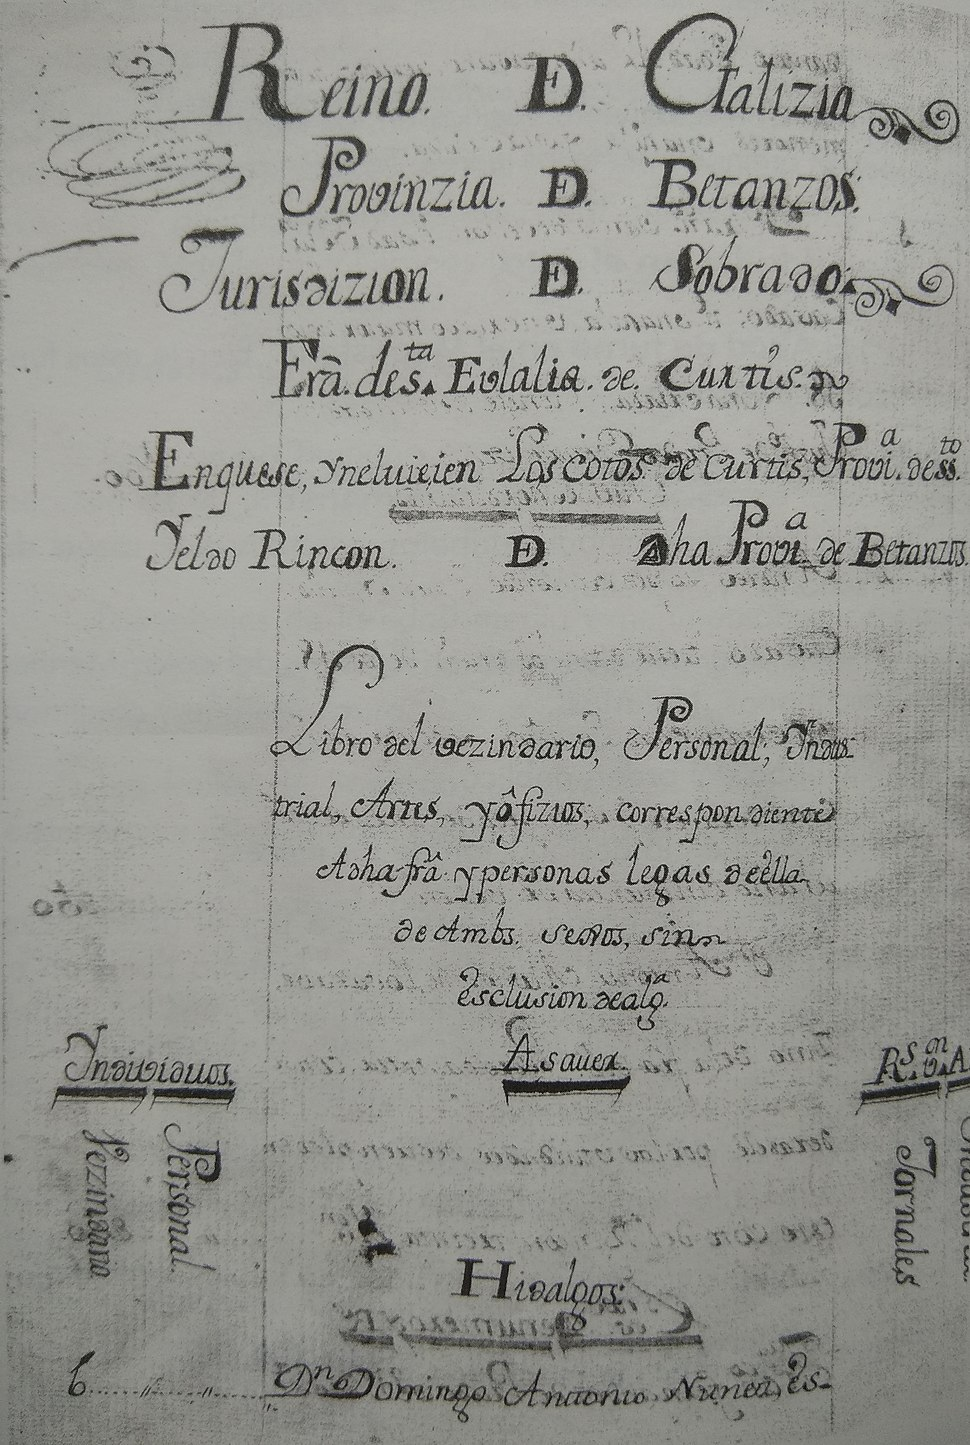 Couto do Rincon na provincia de Betanzos